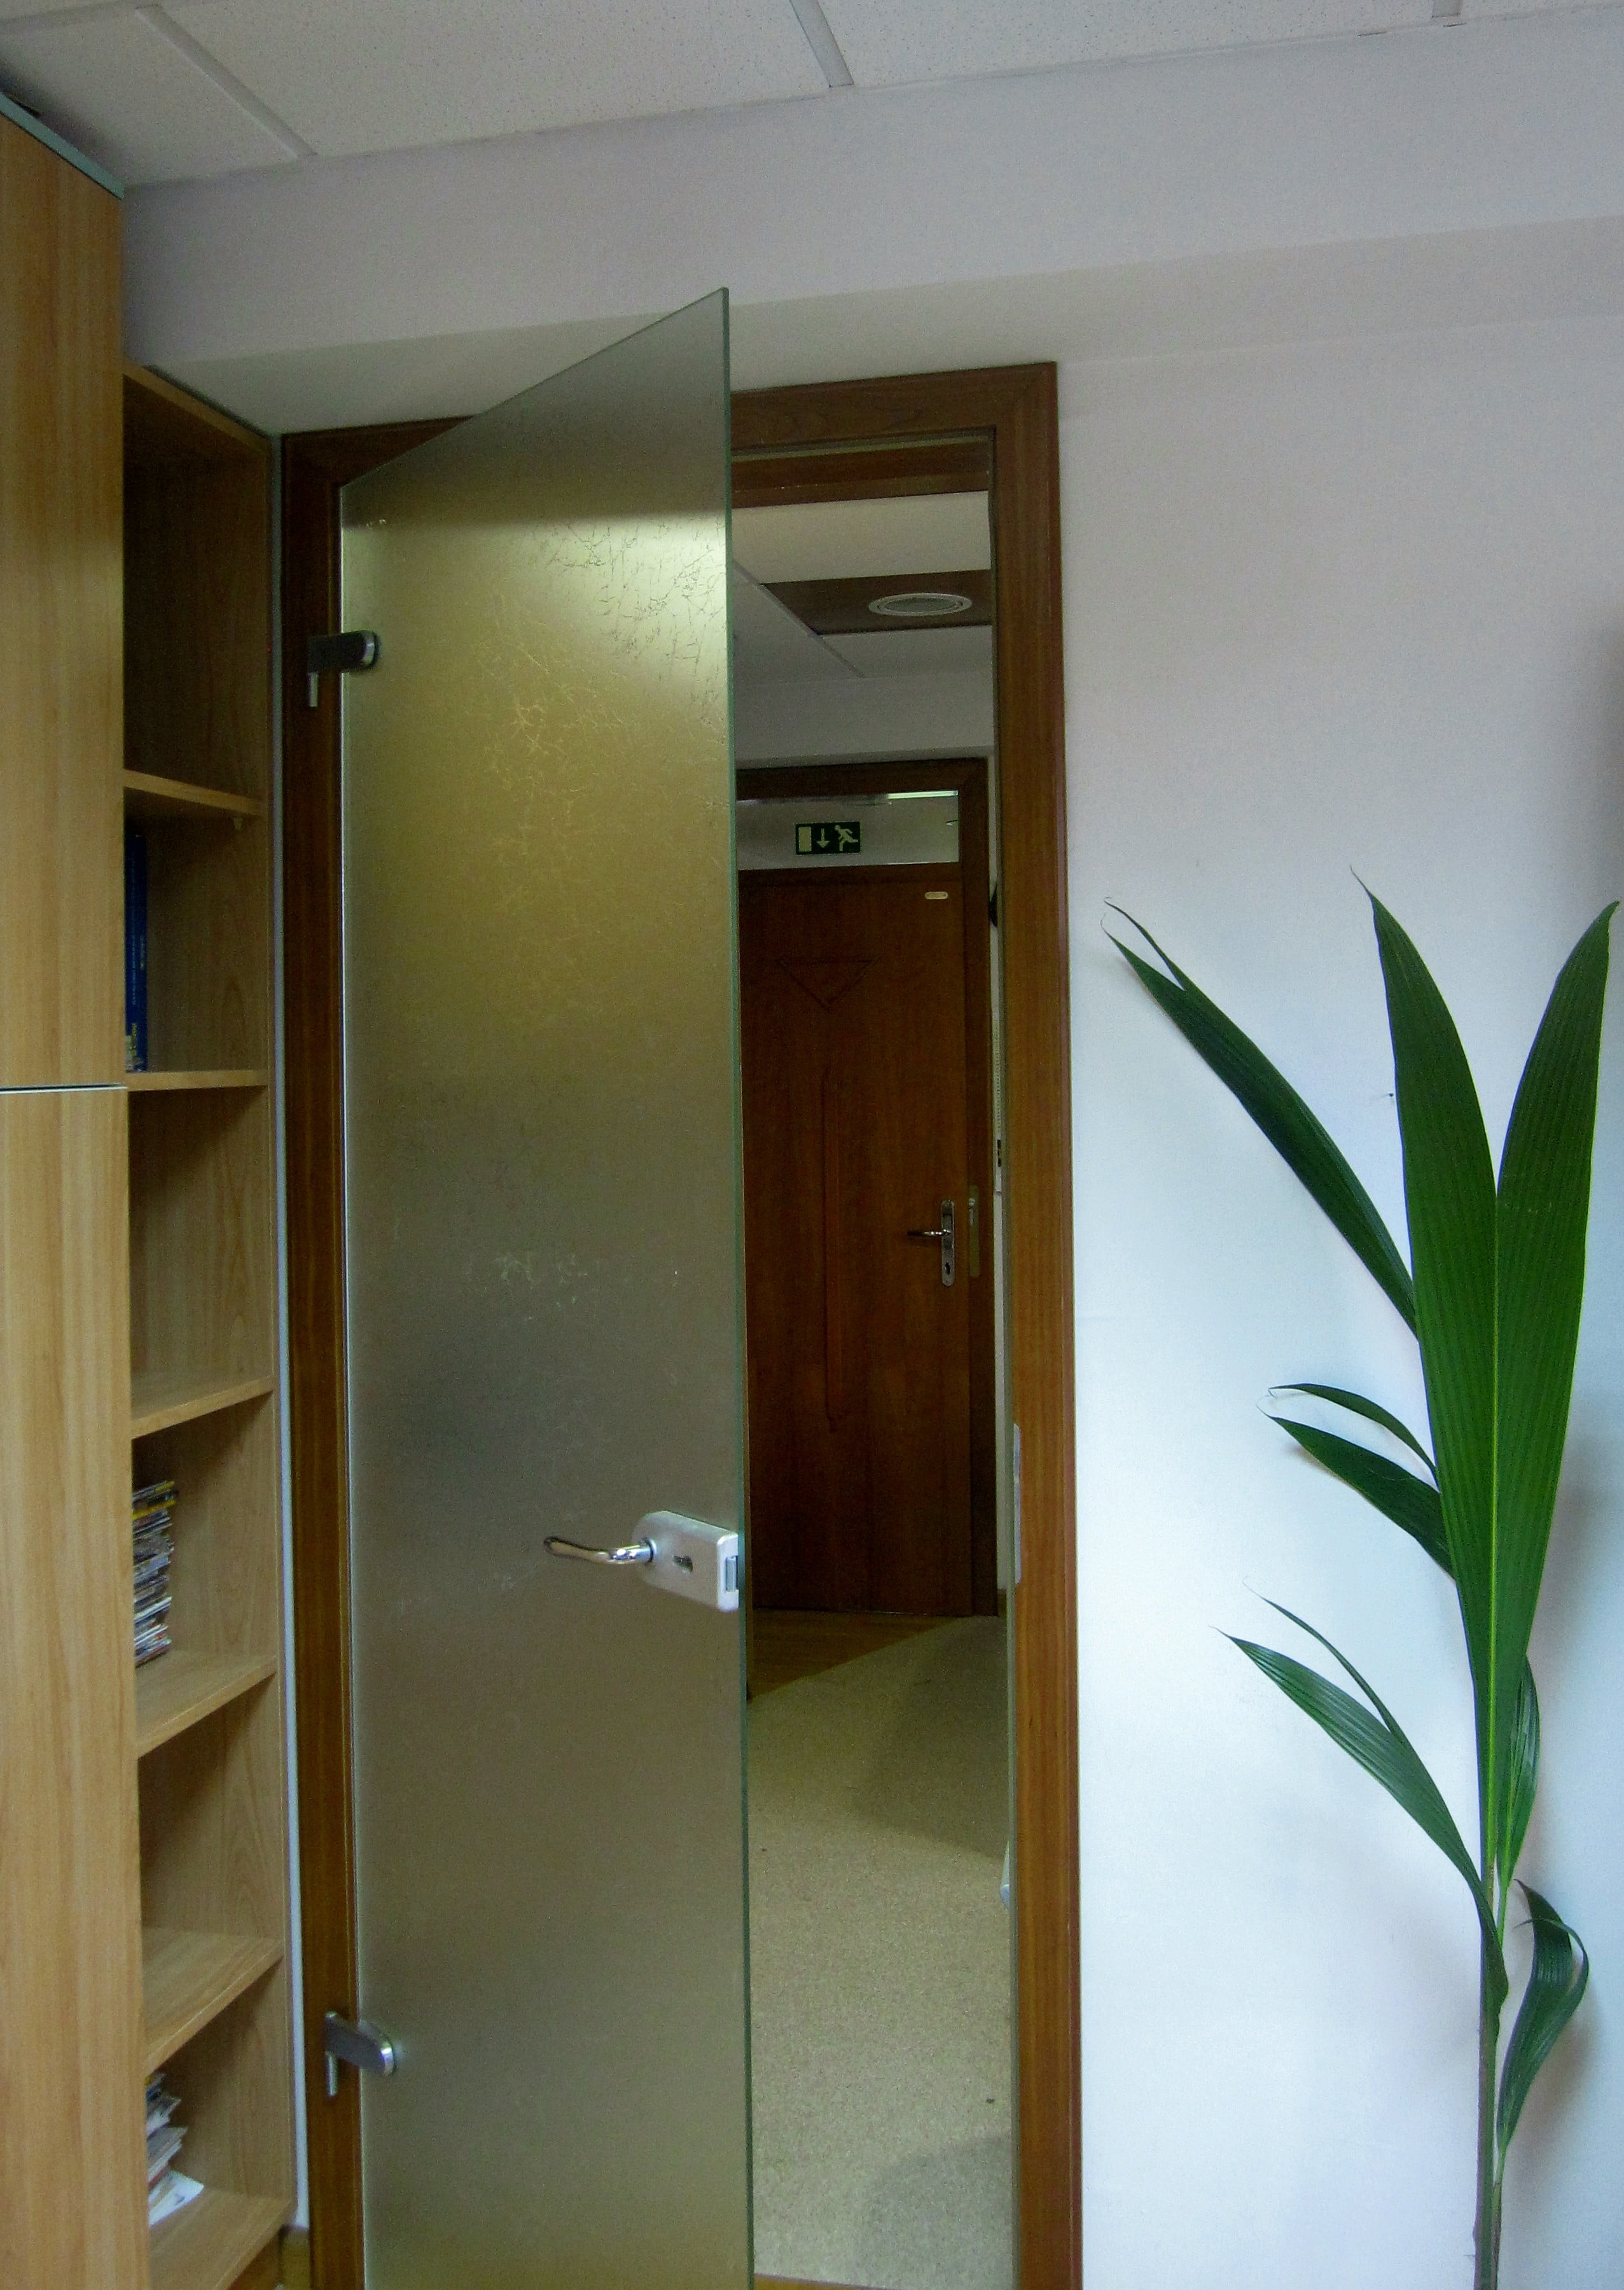 Steklena notranja vrata na lesenem podboju